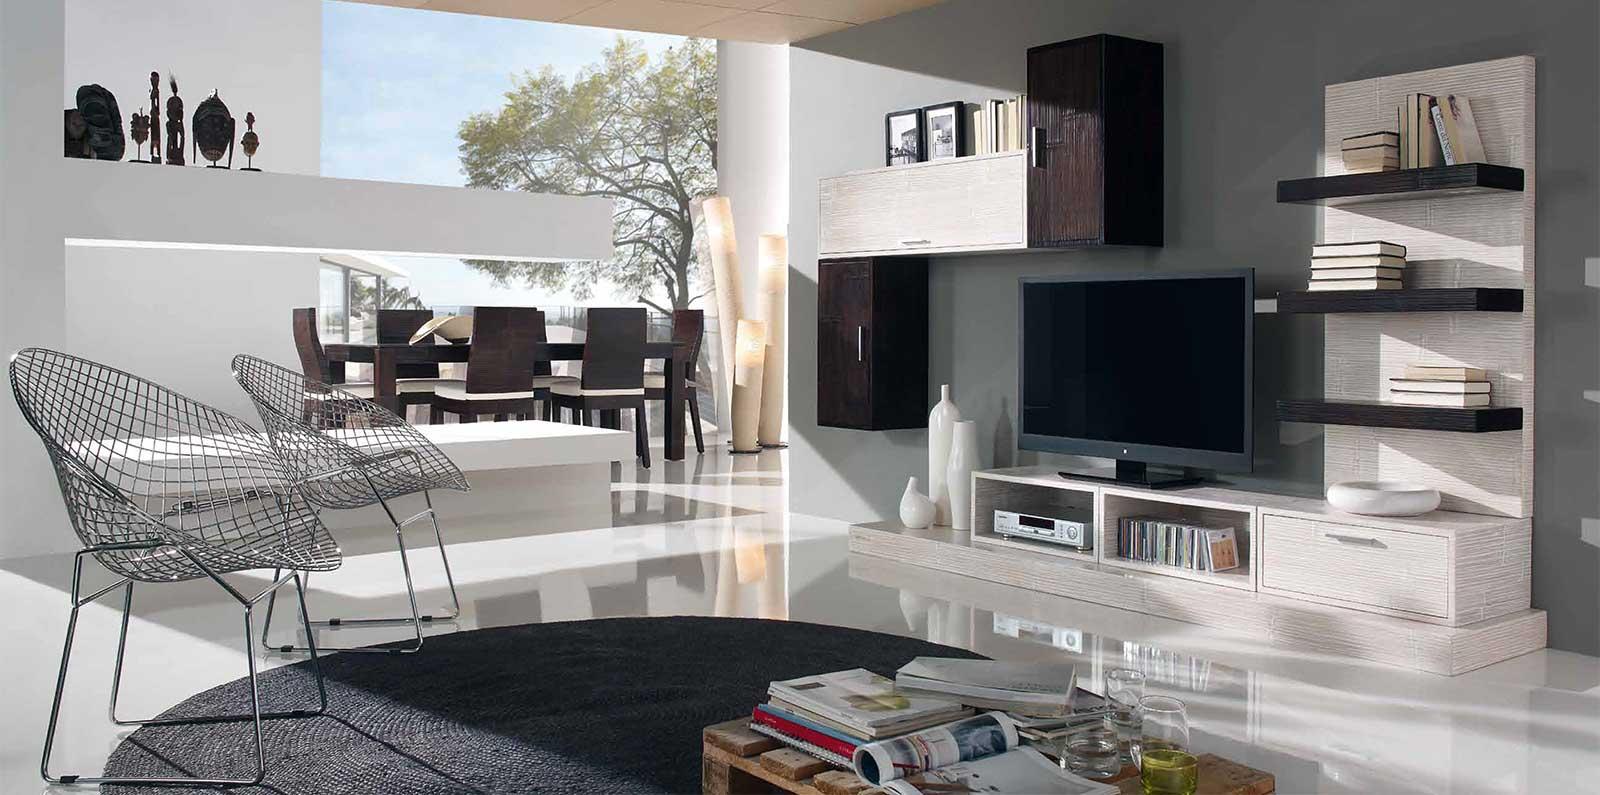 Meubles Modulables Bois Et Teck Haut De Gamme Au Style Design # Grand Meuble Tv Modulable Sous Escalier